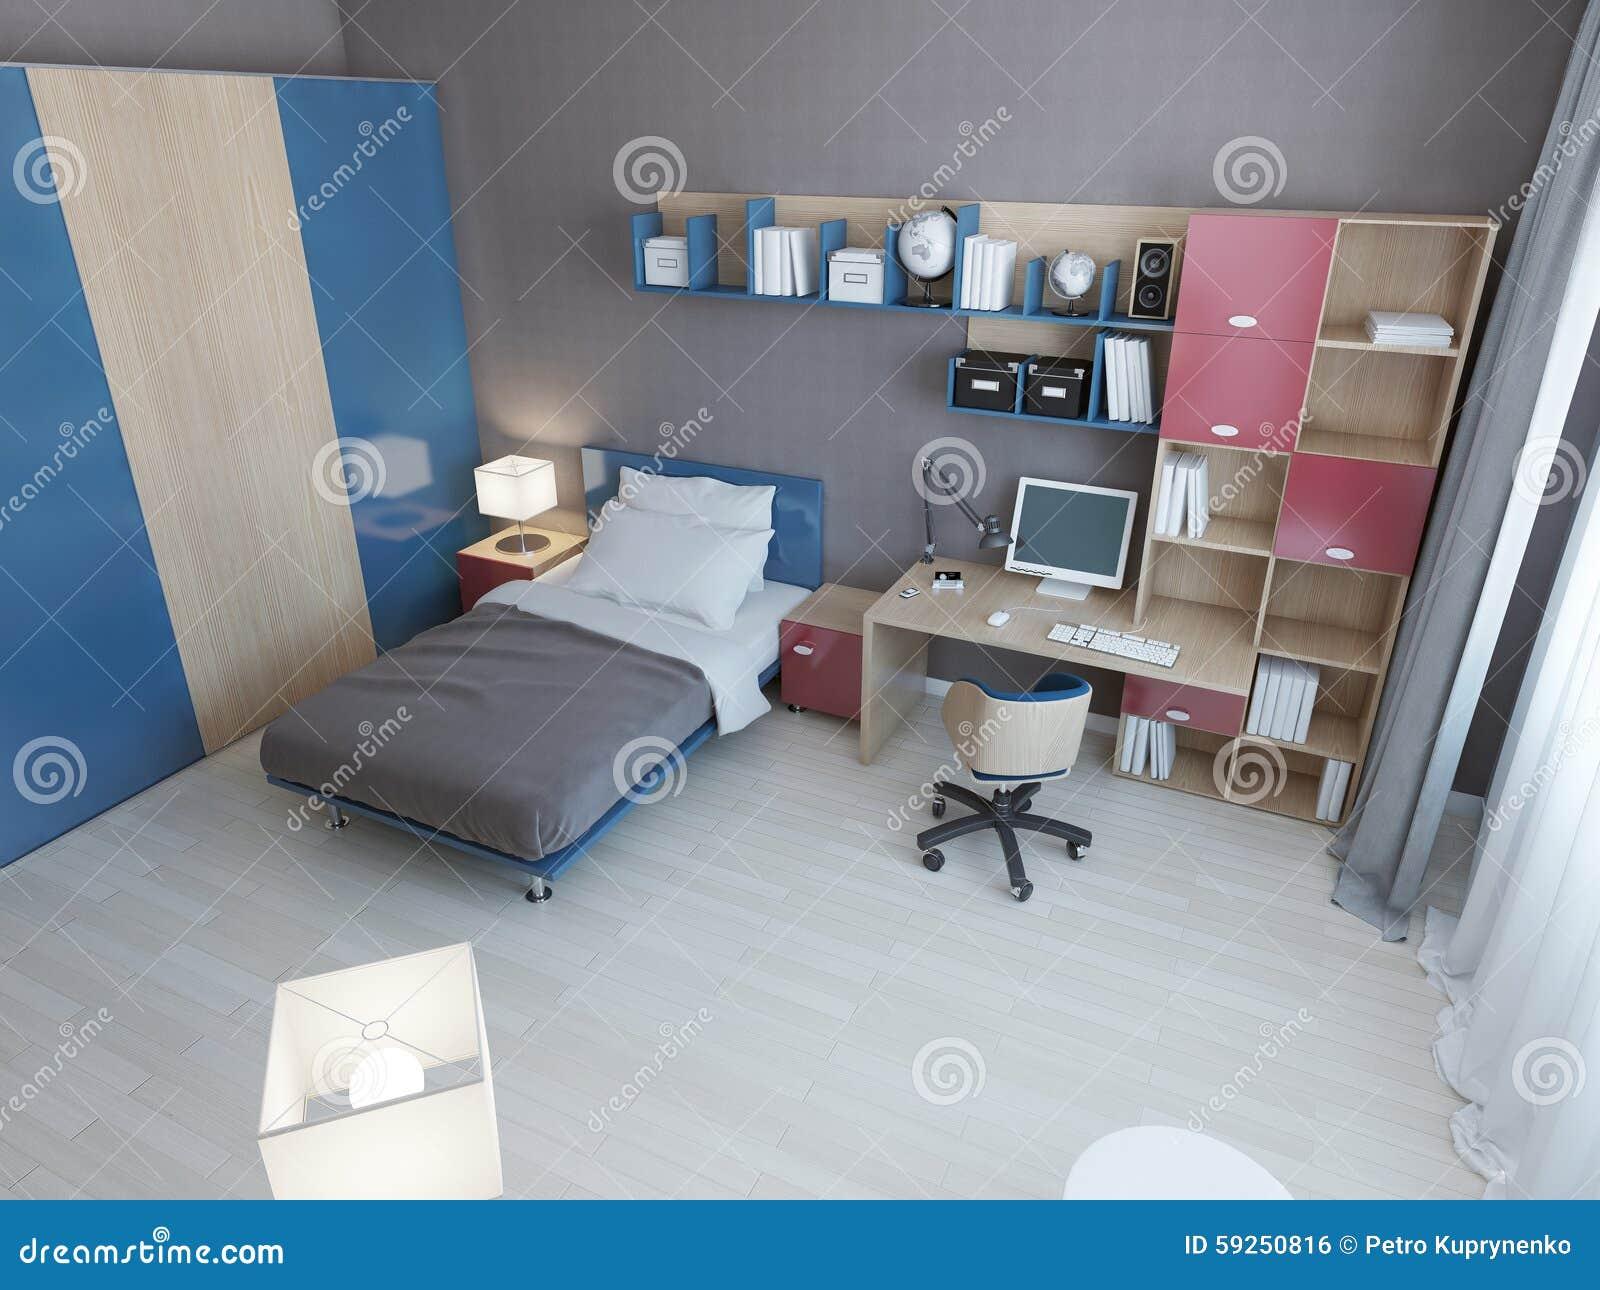 Idee van kinderen moderne slaapkamer stock illustratie ...